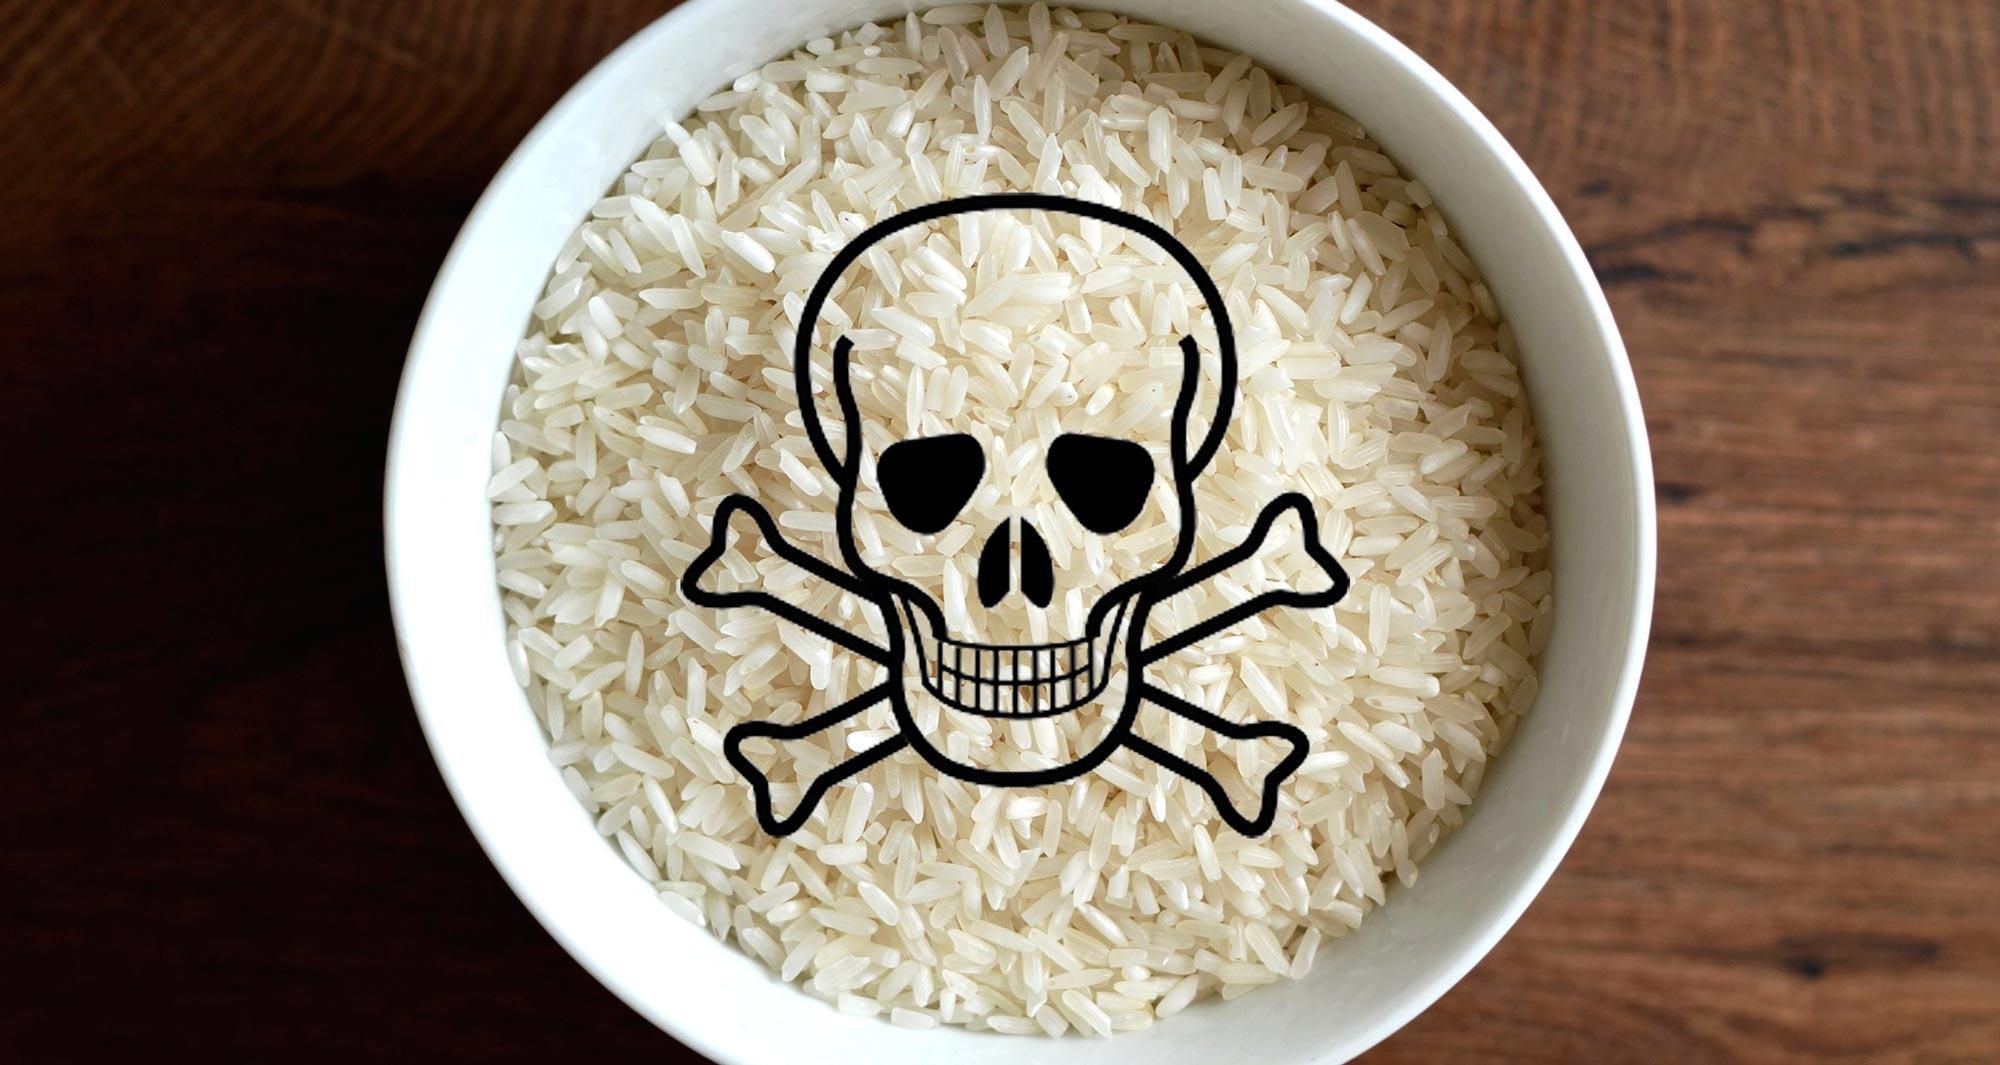 آرسنیک چیست؟ چگونه مقدار آرسنیک در برنج را از بین ببریم و یا کم کنیم؟